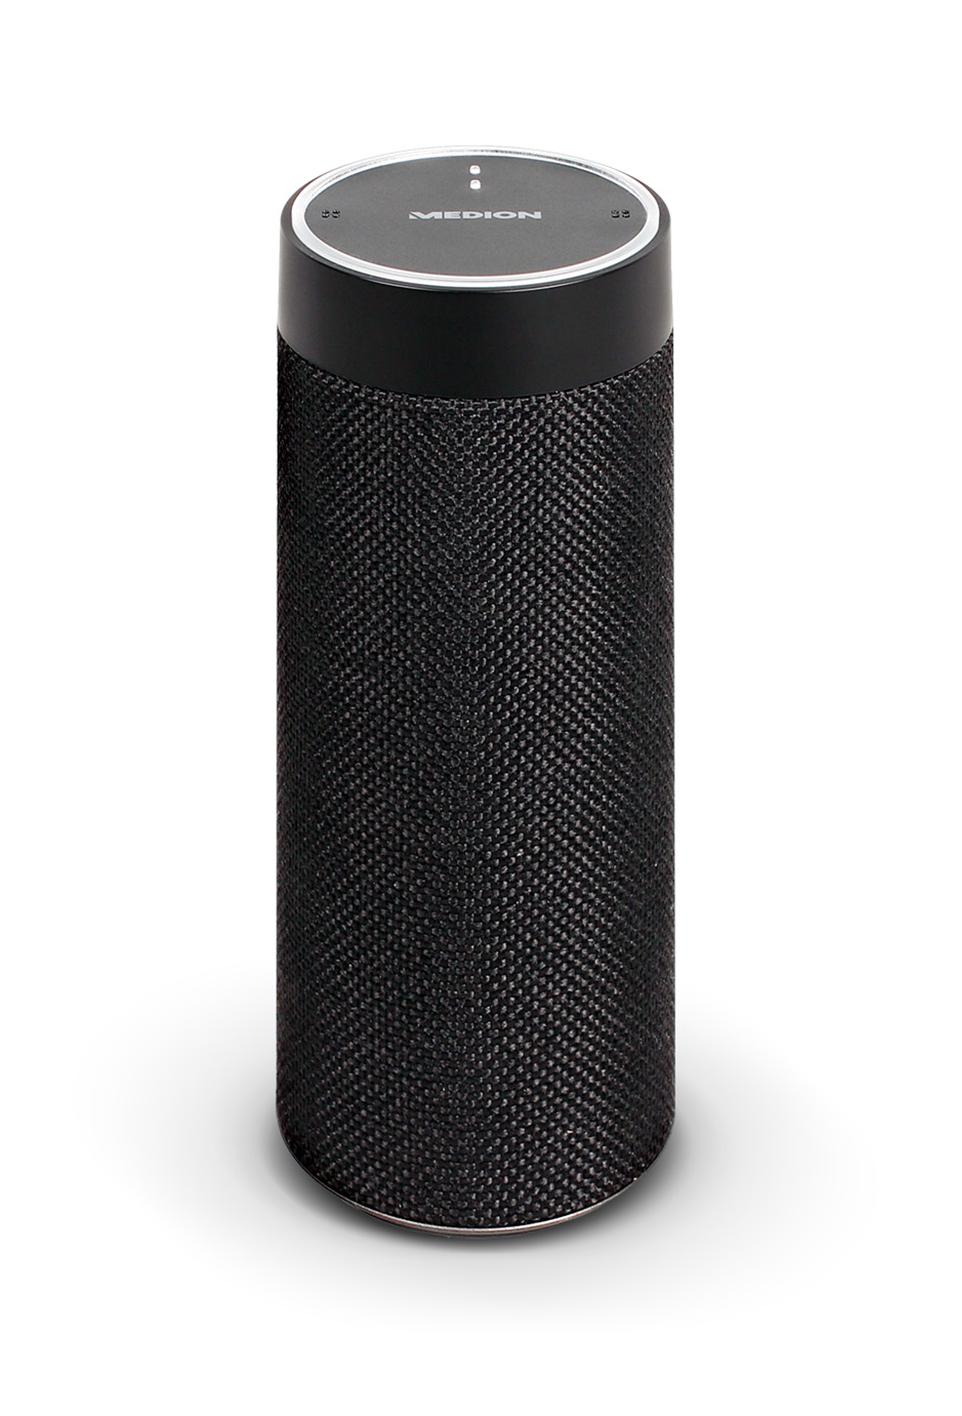 Alexa und Google Assistant: Der Wettkampf smarter Lautsprecher verändert sich - P6110 (Bild: Medion)